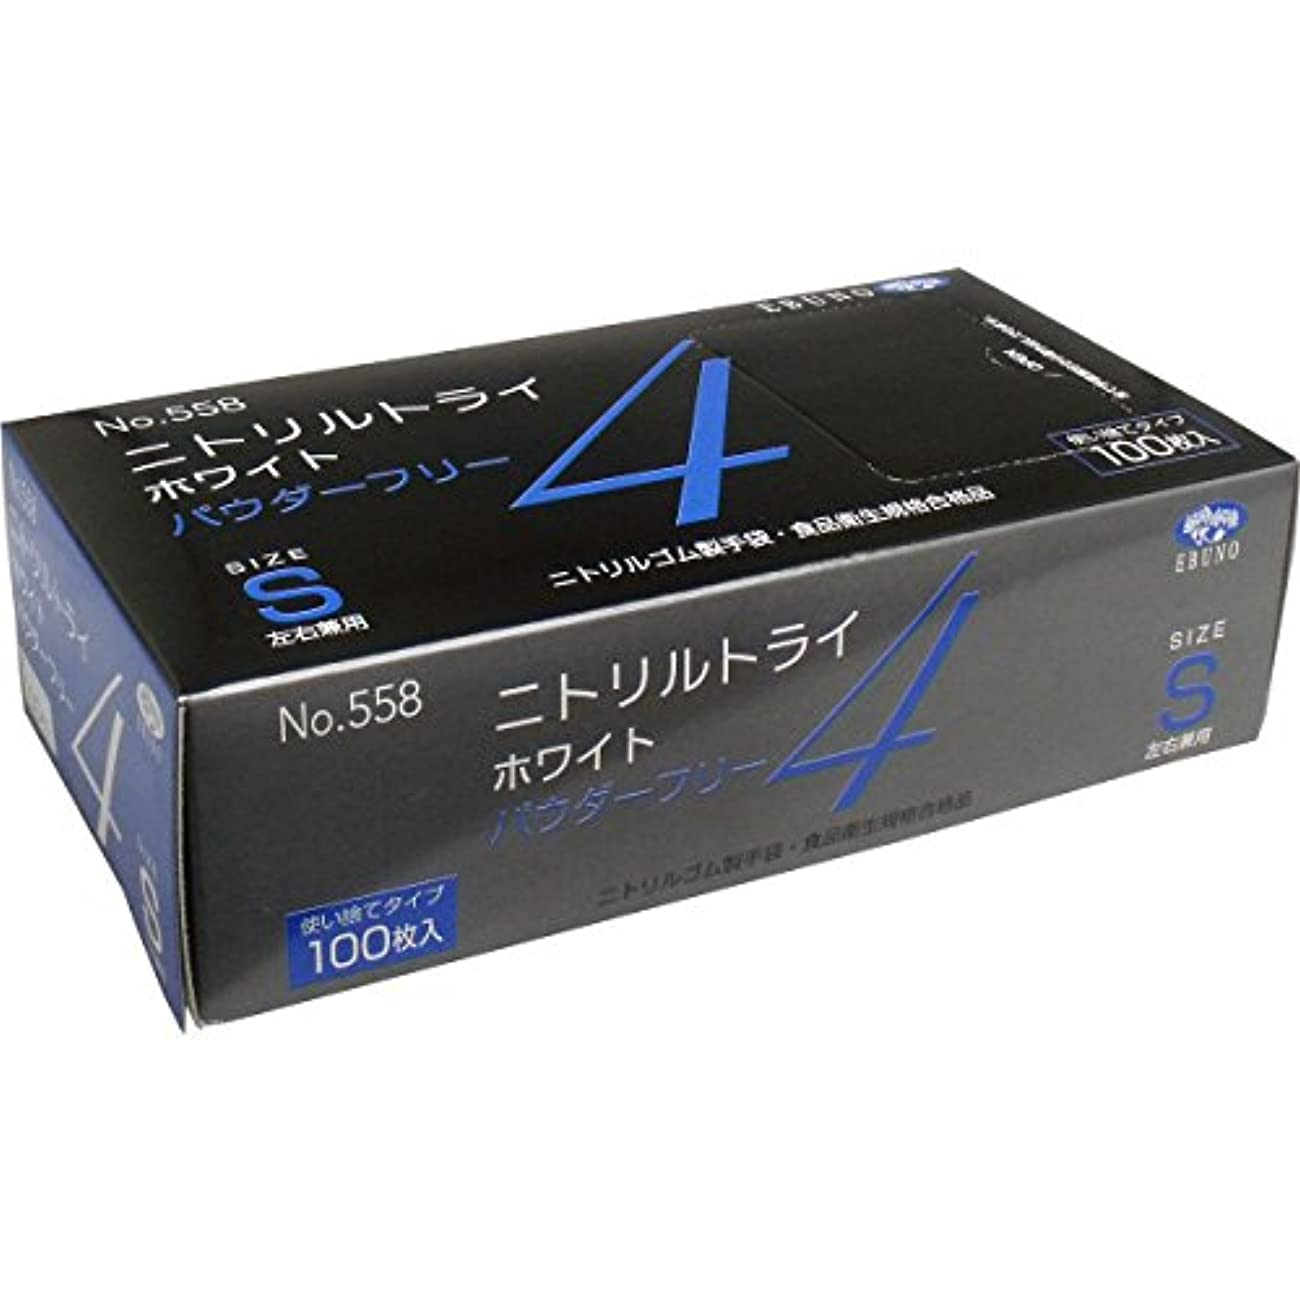 健康メイト記念碑ニトリルトライ4 手袋 ホワイト パウダーフリー Sサイズ 100枚入(単品)